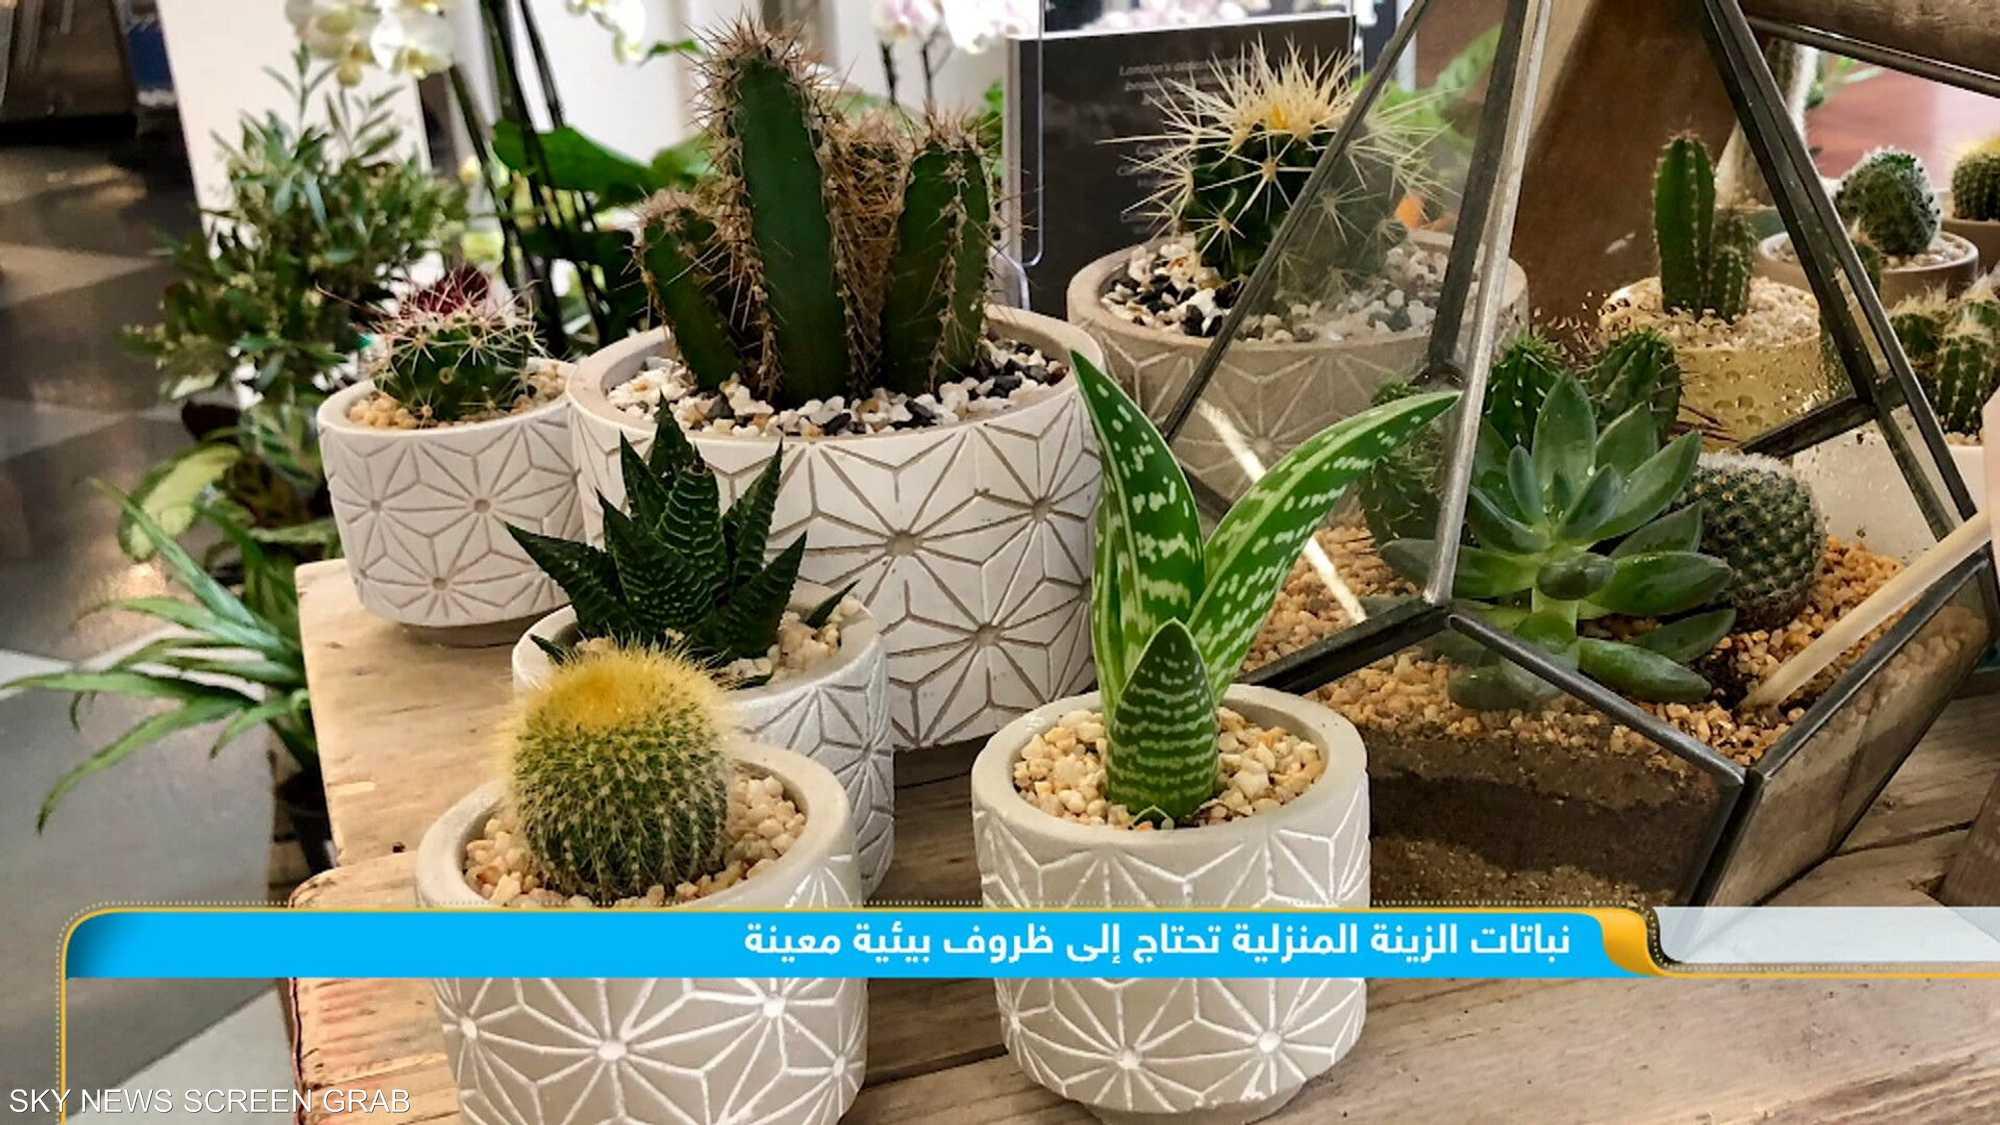 النباتات المنزلية.. فوائد وزينة لا غنى عنها